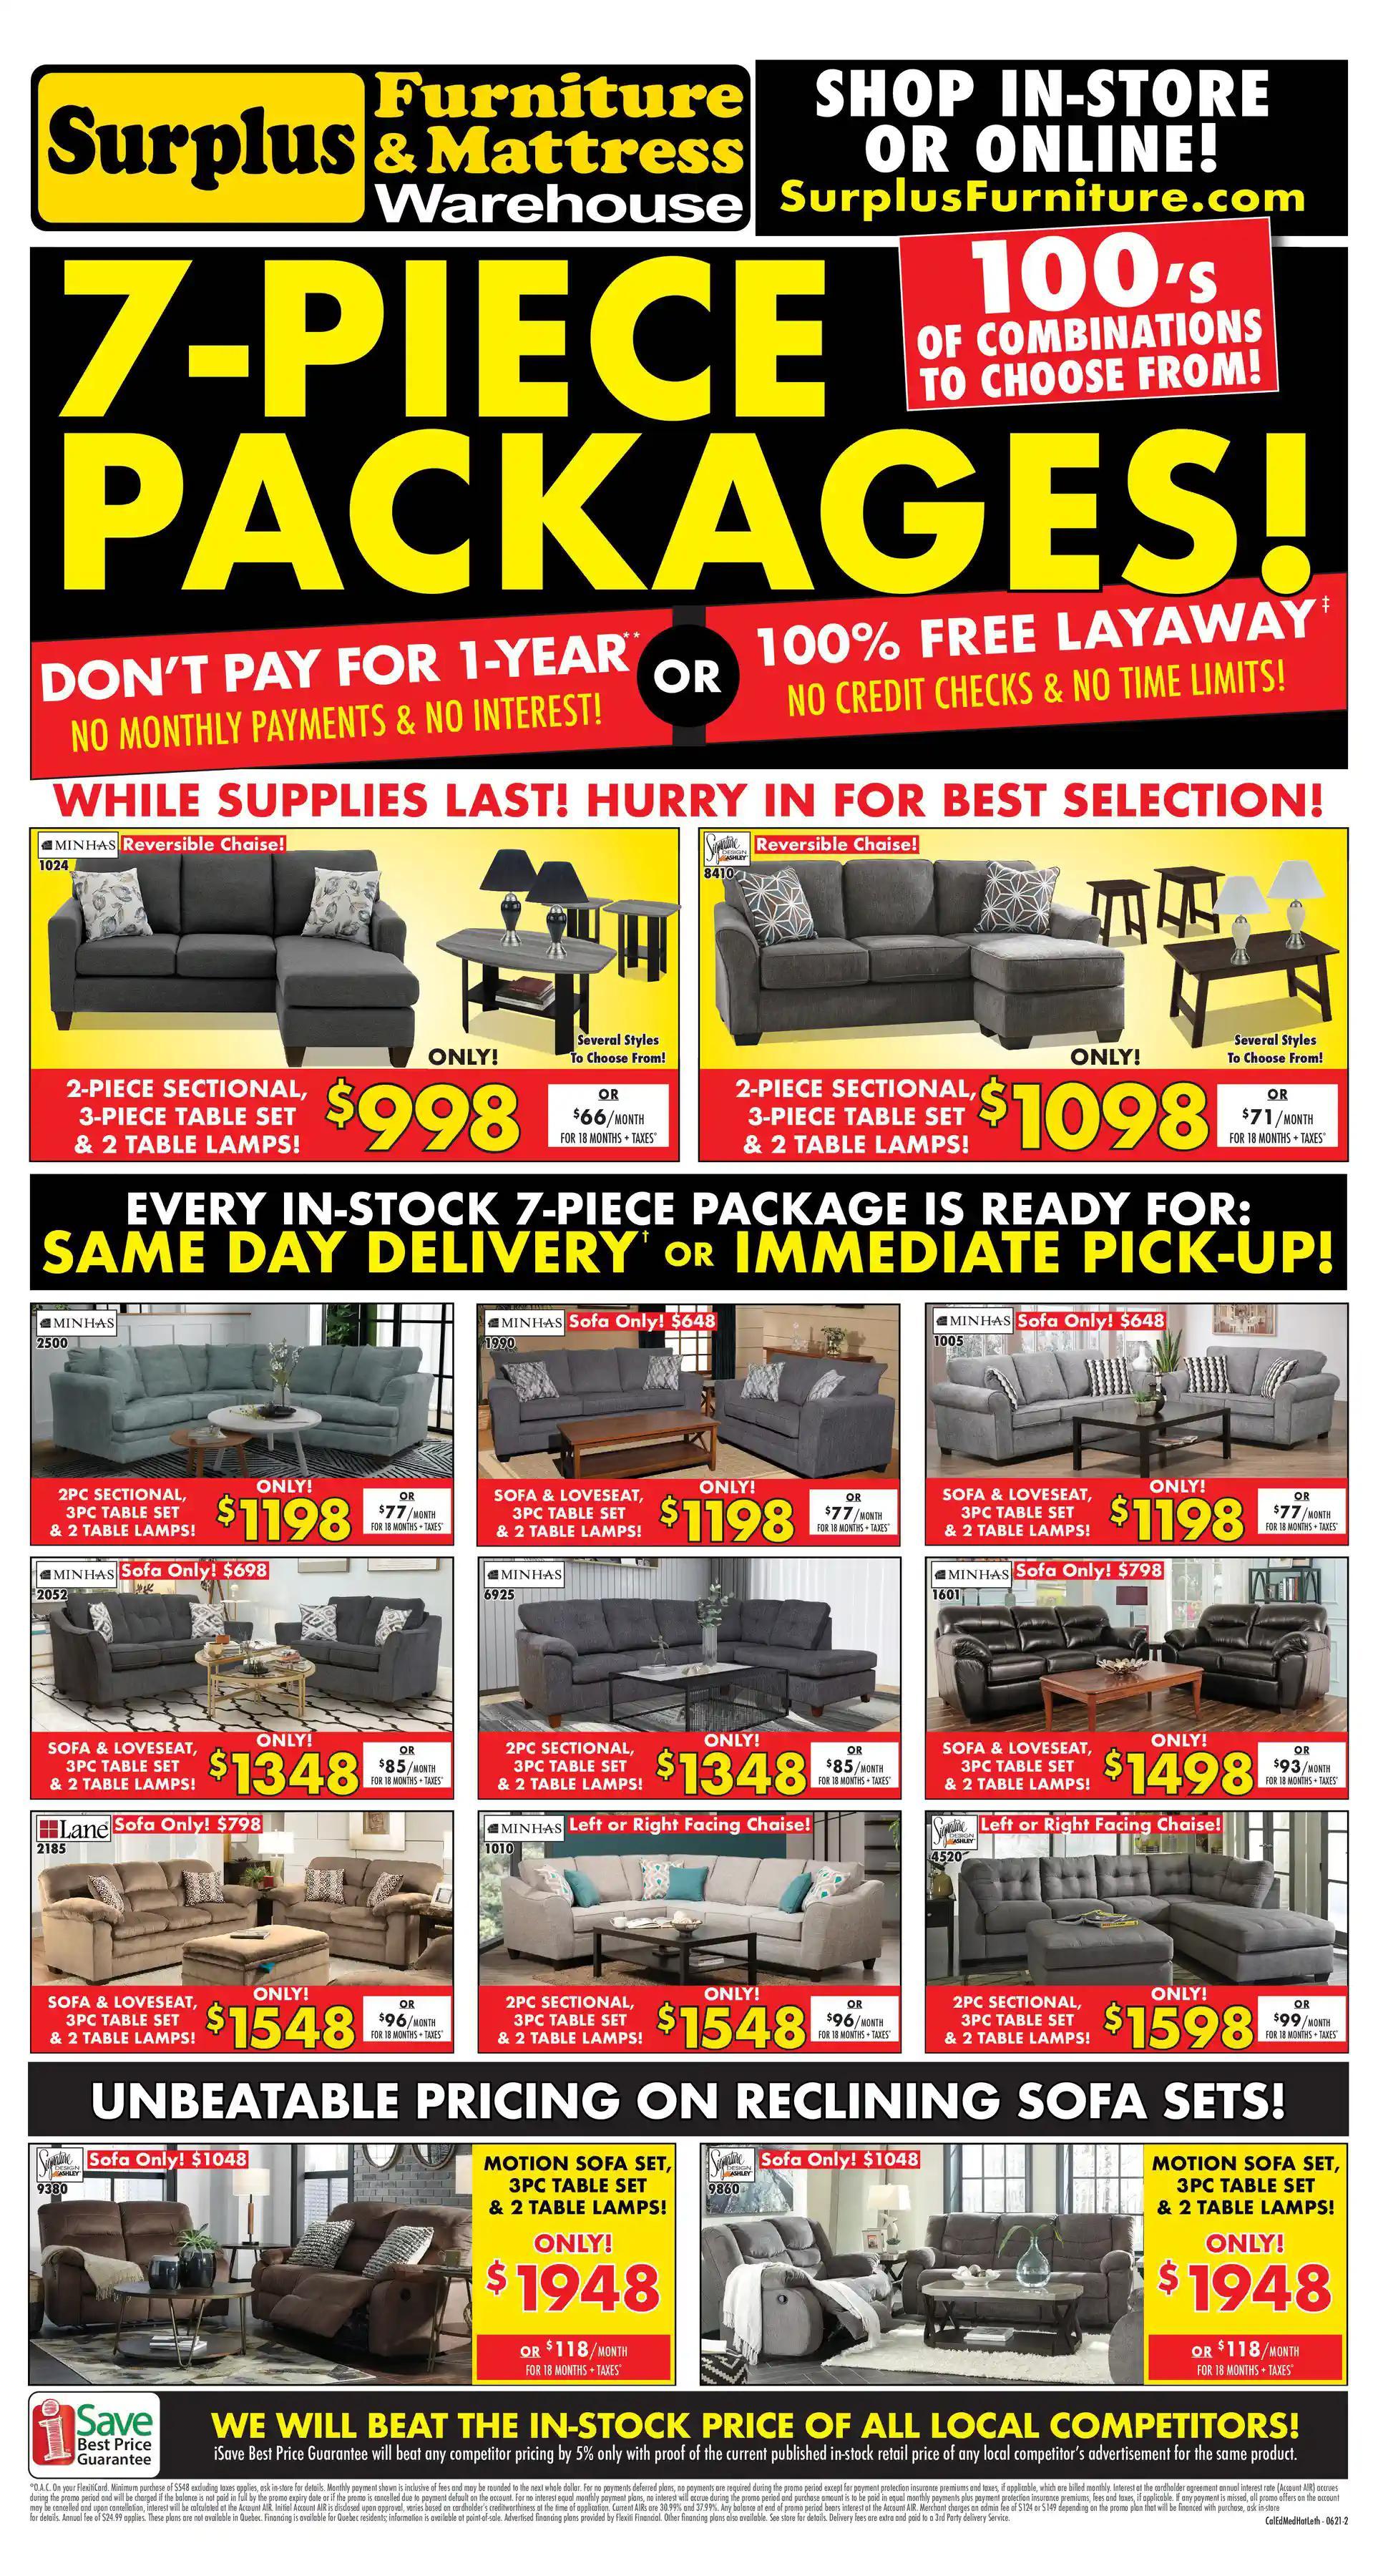 Surplus Furniture & Mattress Warehouse - 2 Weeks of Savings